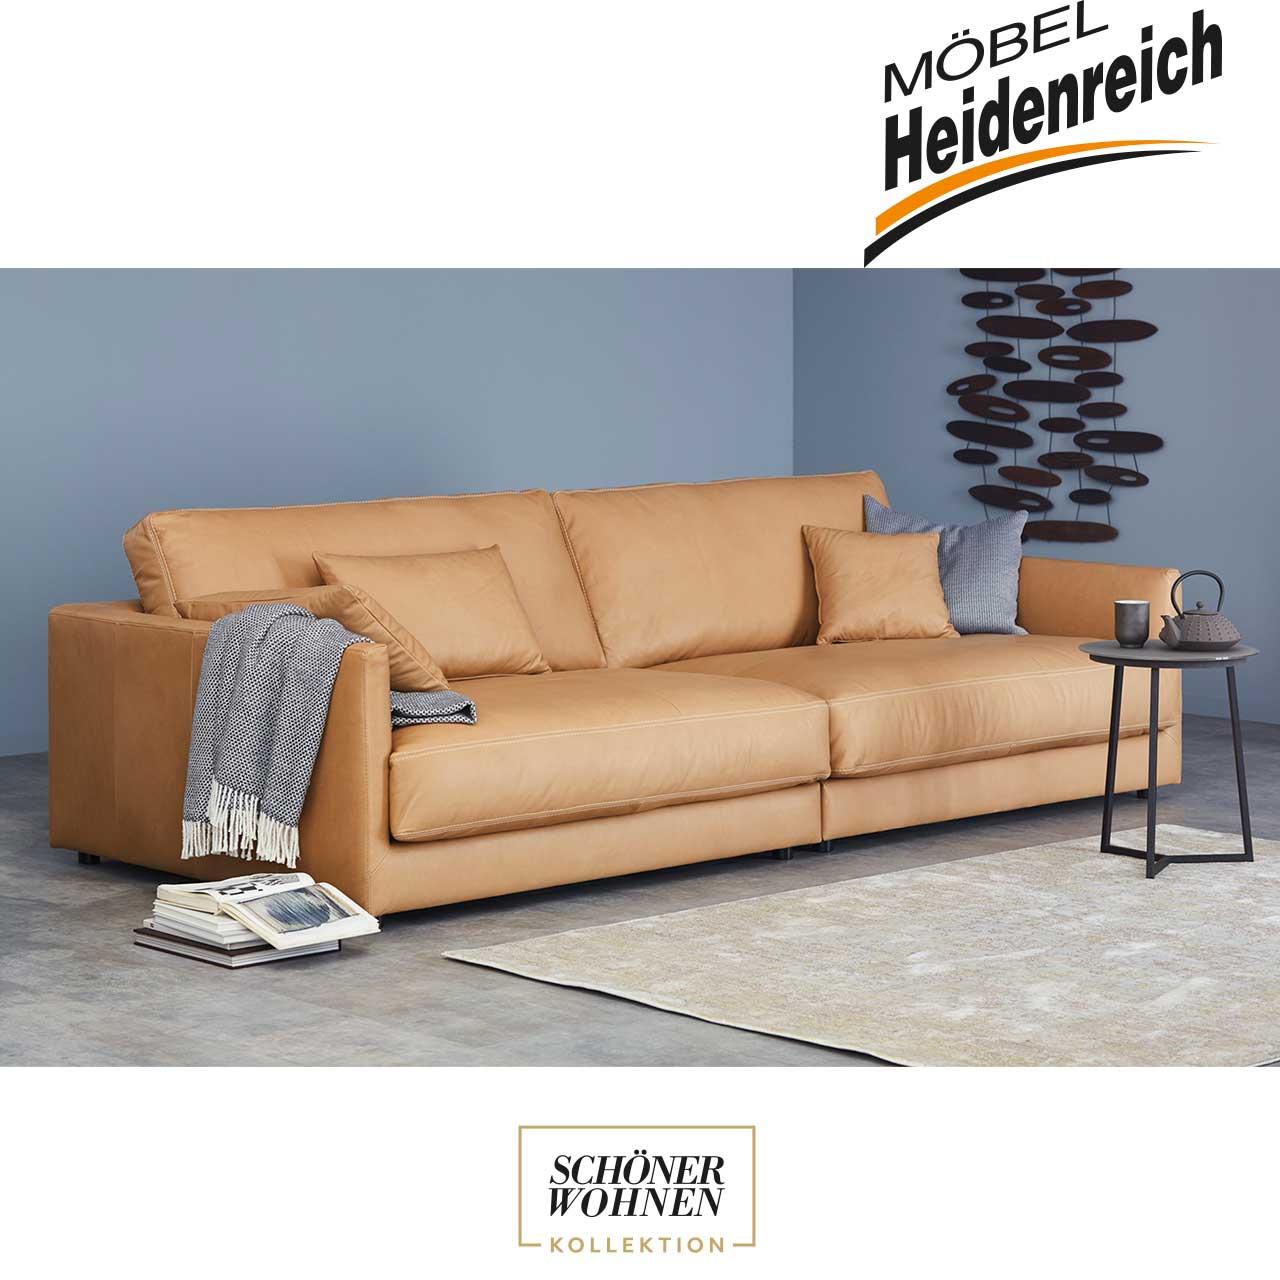 Schöner Wohnen Sofa Gabo | Möbel Heidenreich